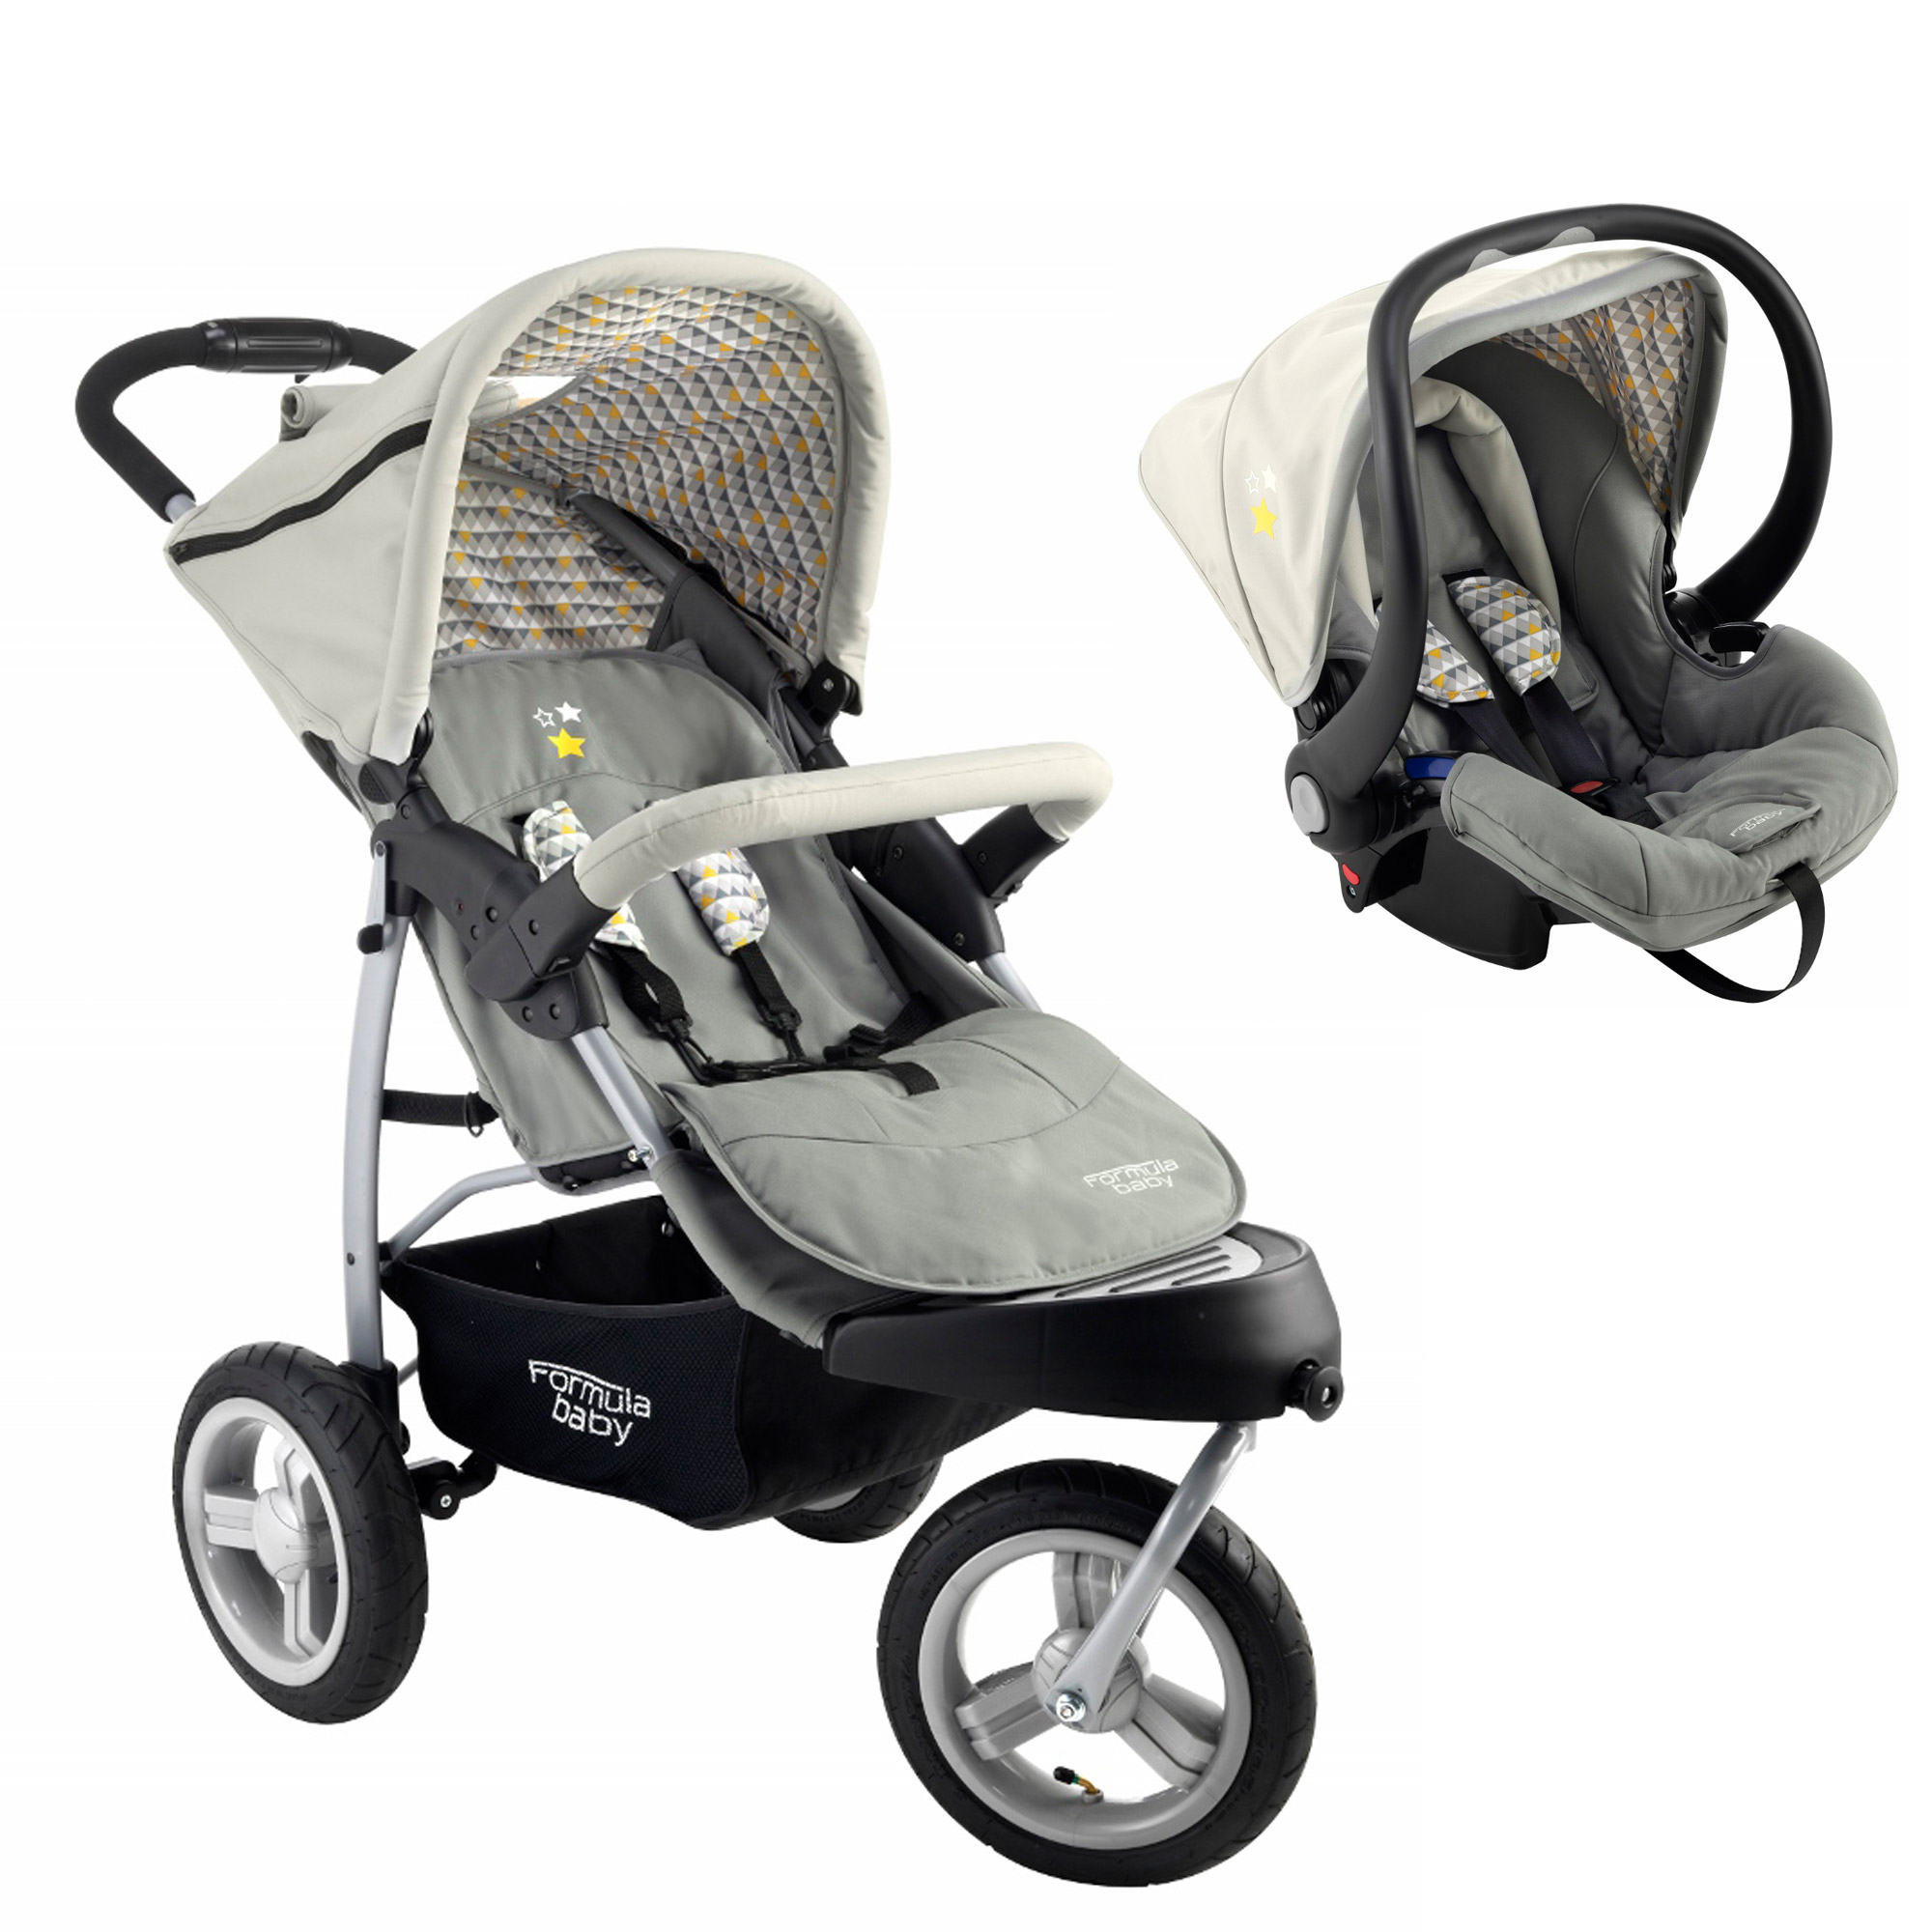 Pack 3 roues Arlequin de Formula Baby, Poussettes polyvalentes   Aubert c31487d4fba